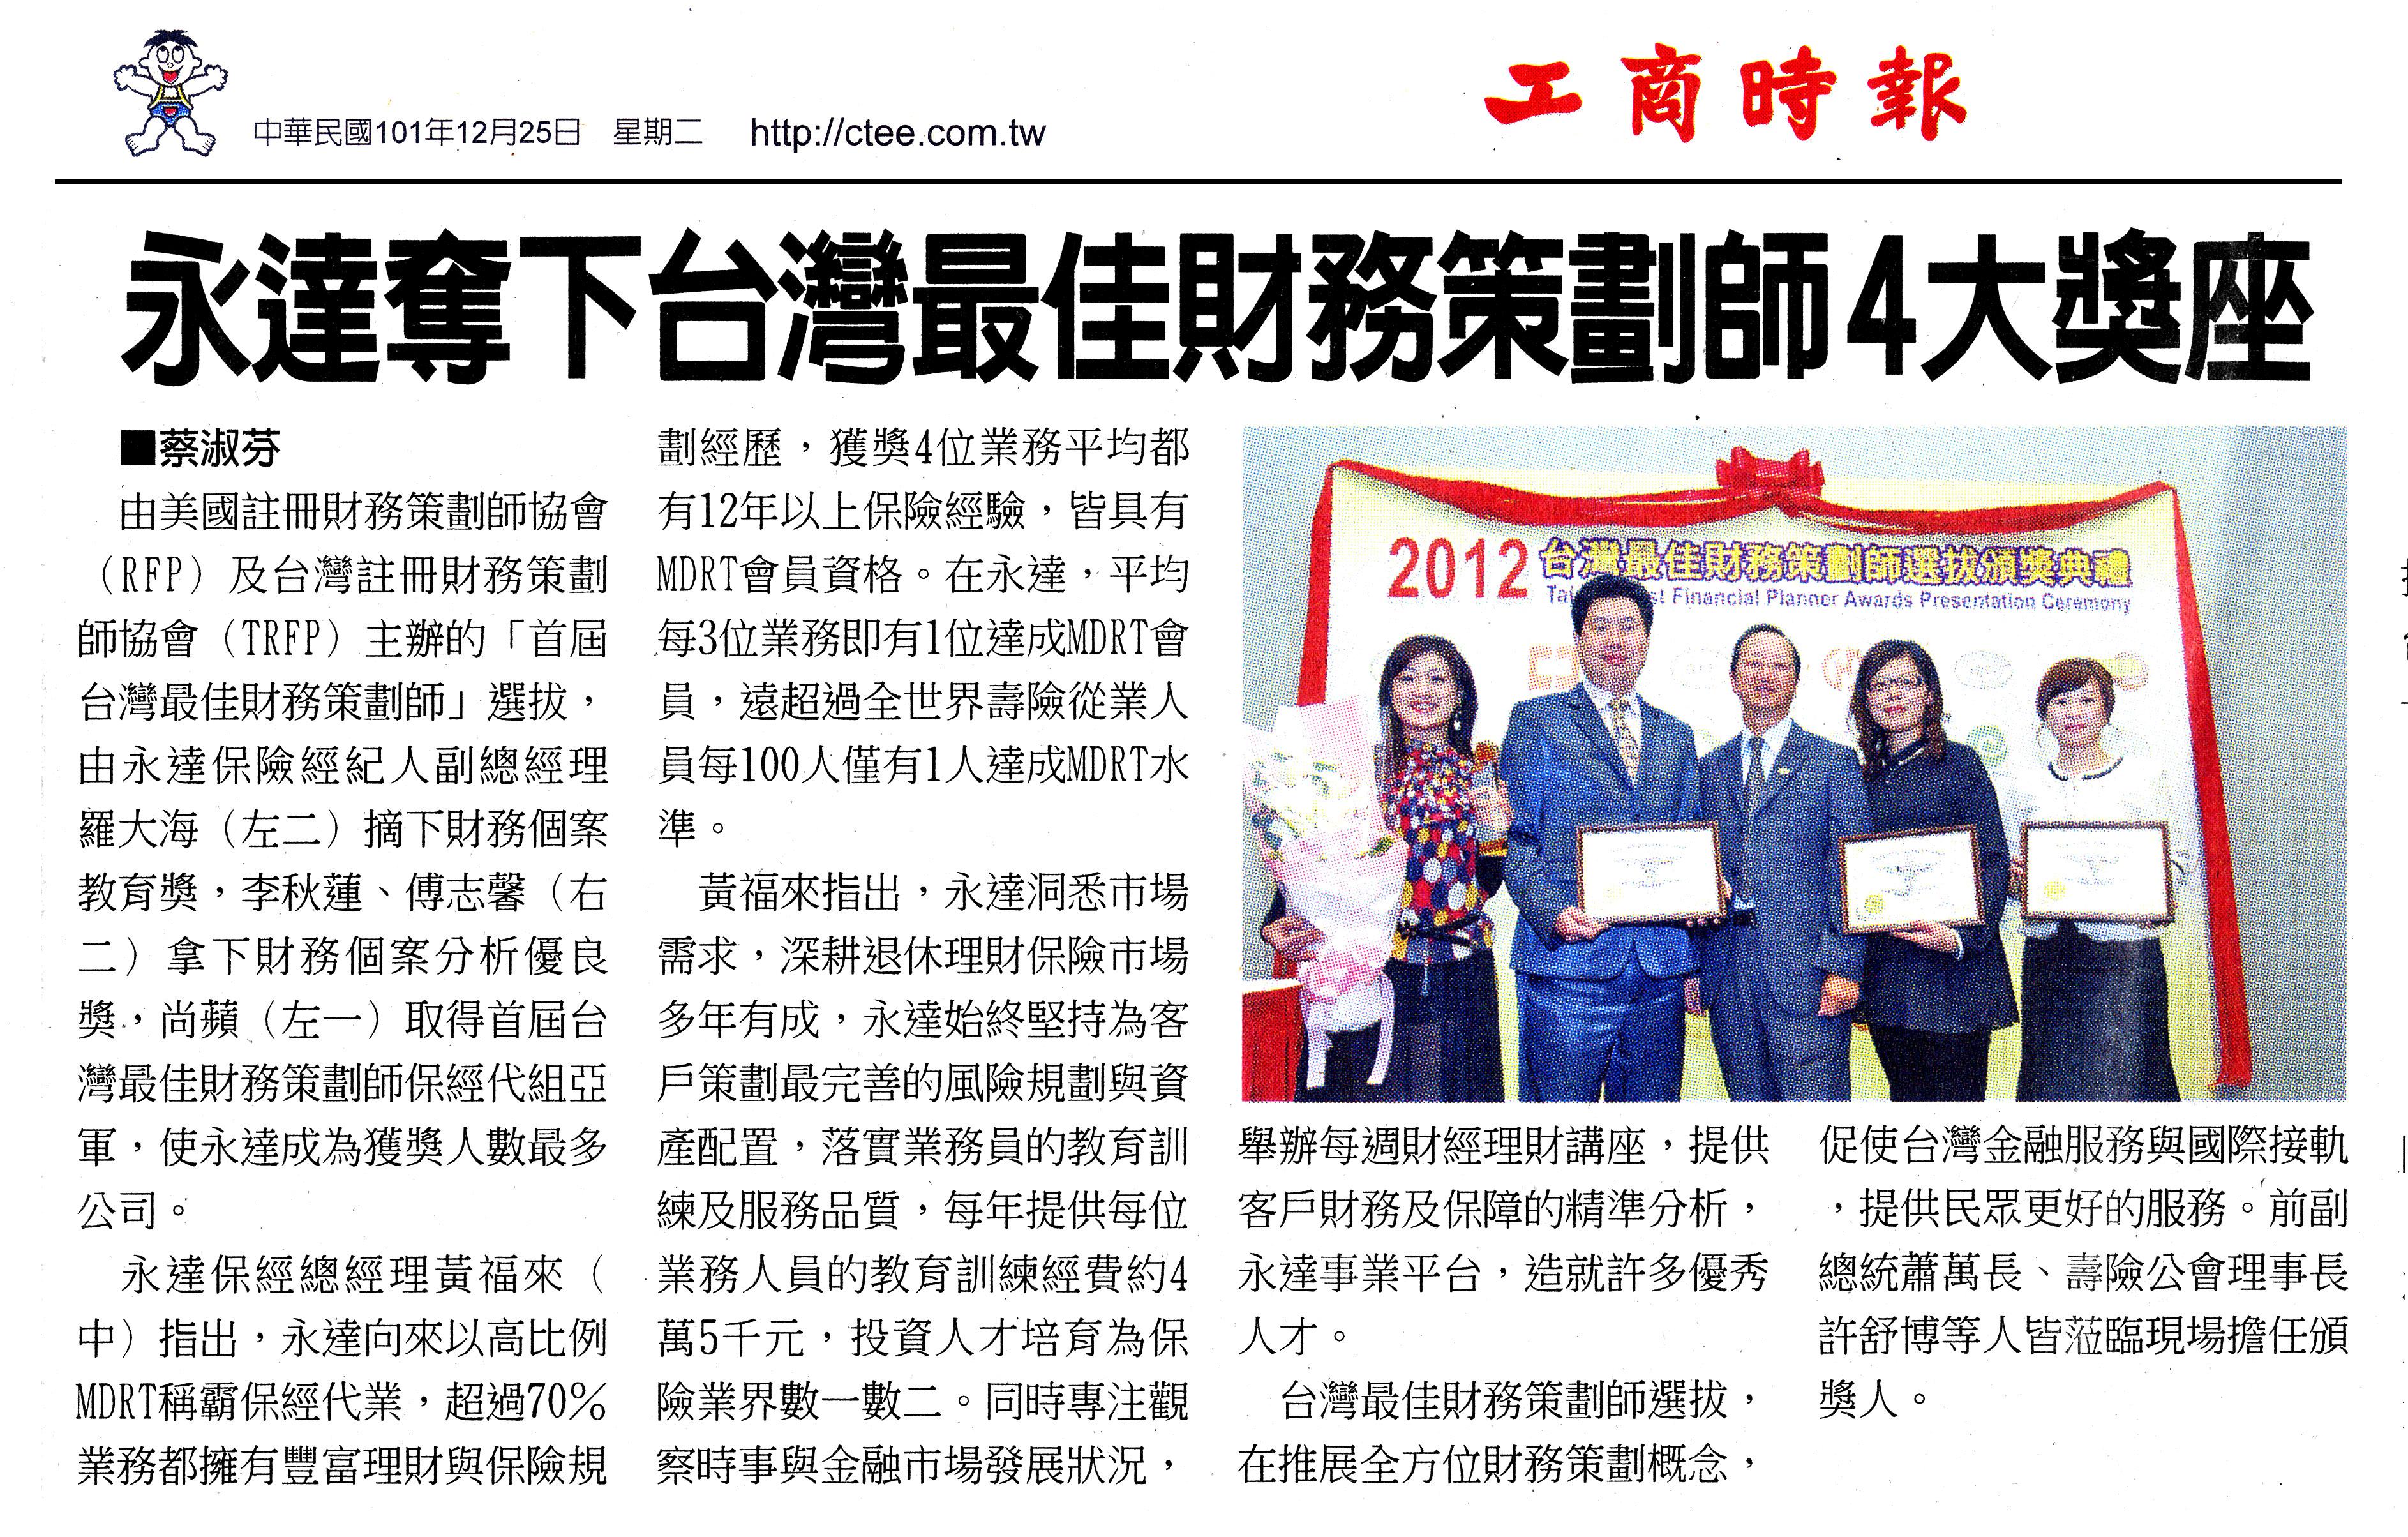 永達奪下台灣最佳財務策劃師4大獎座圖檔